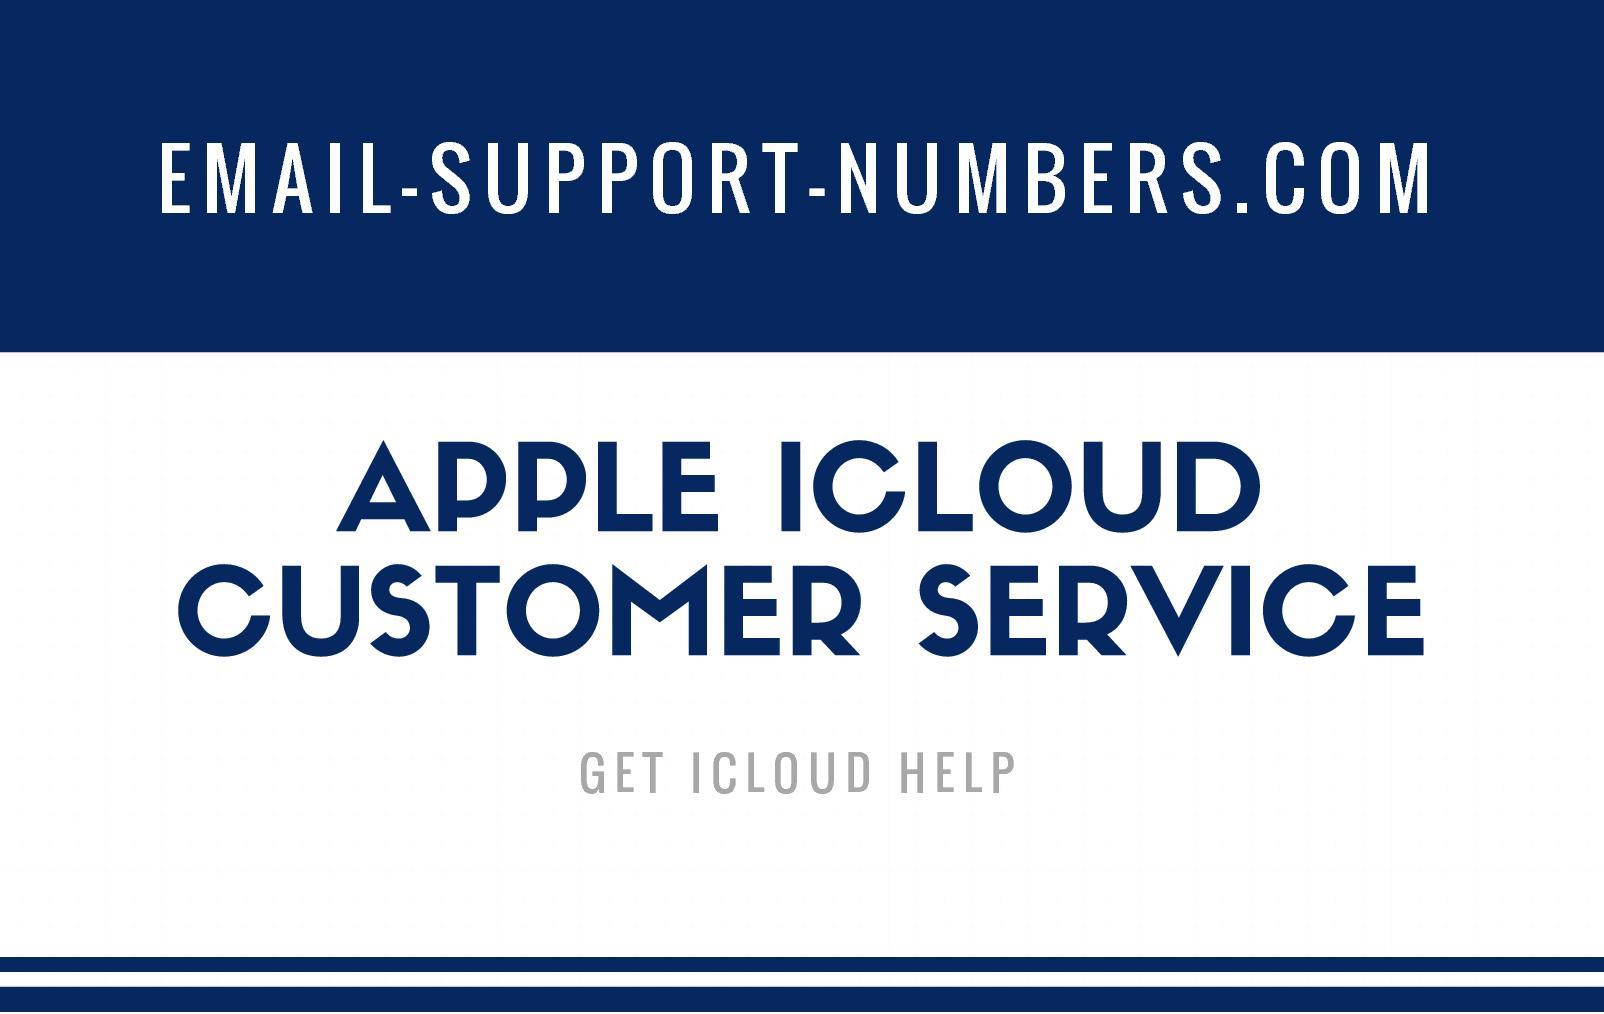 Apple Help Icloud